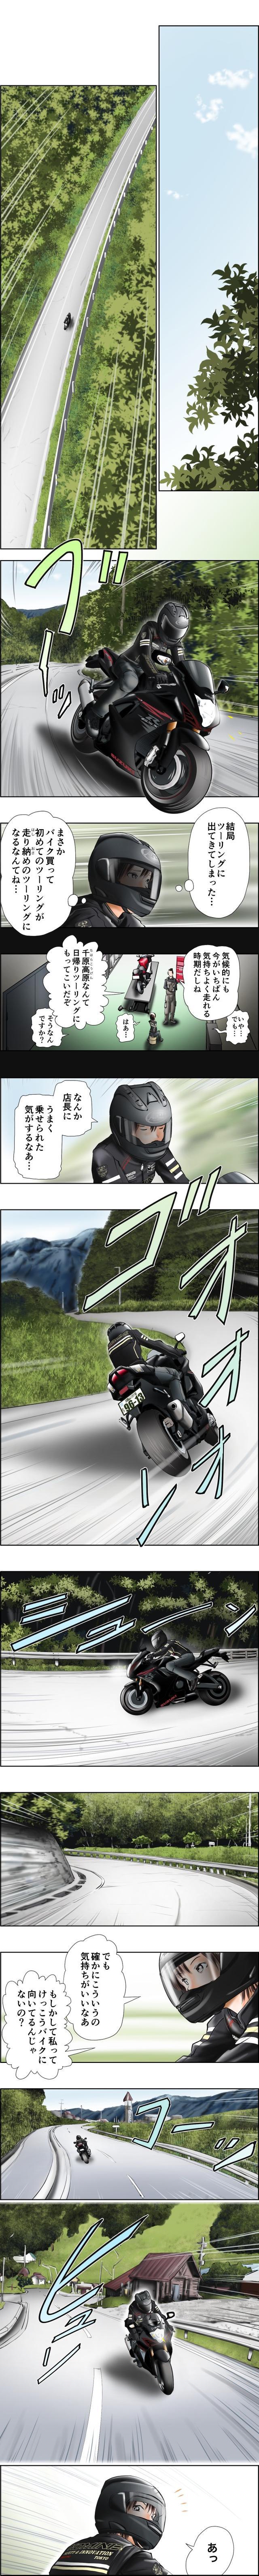 画像5: Motoジム!(第1話:私、ジムカーナやる!)  作・ばどみゅーみん